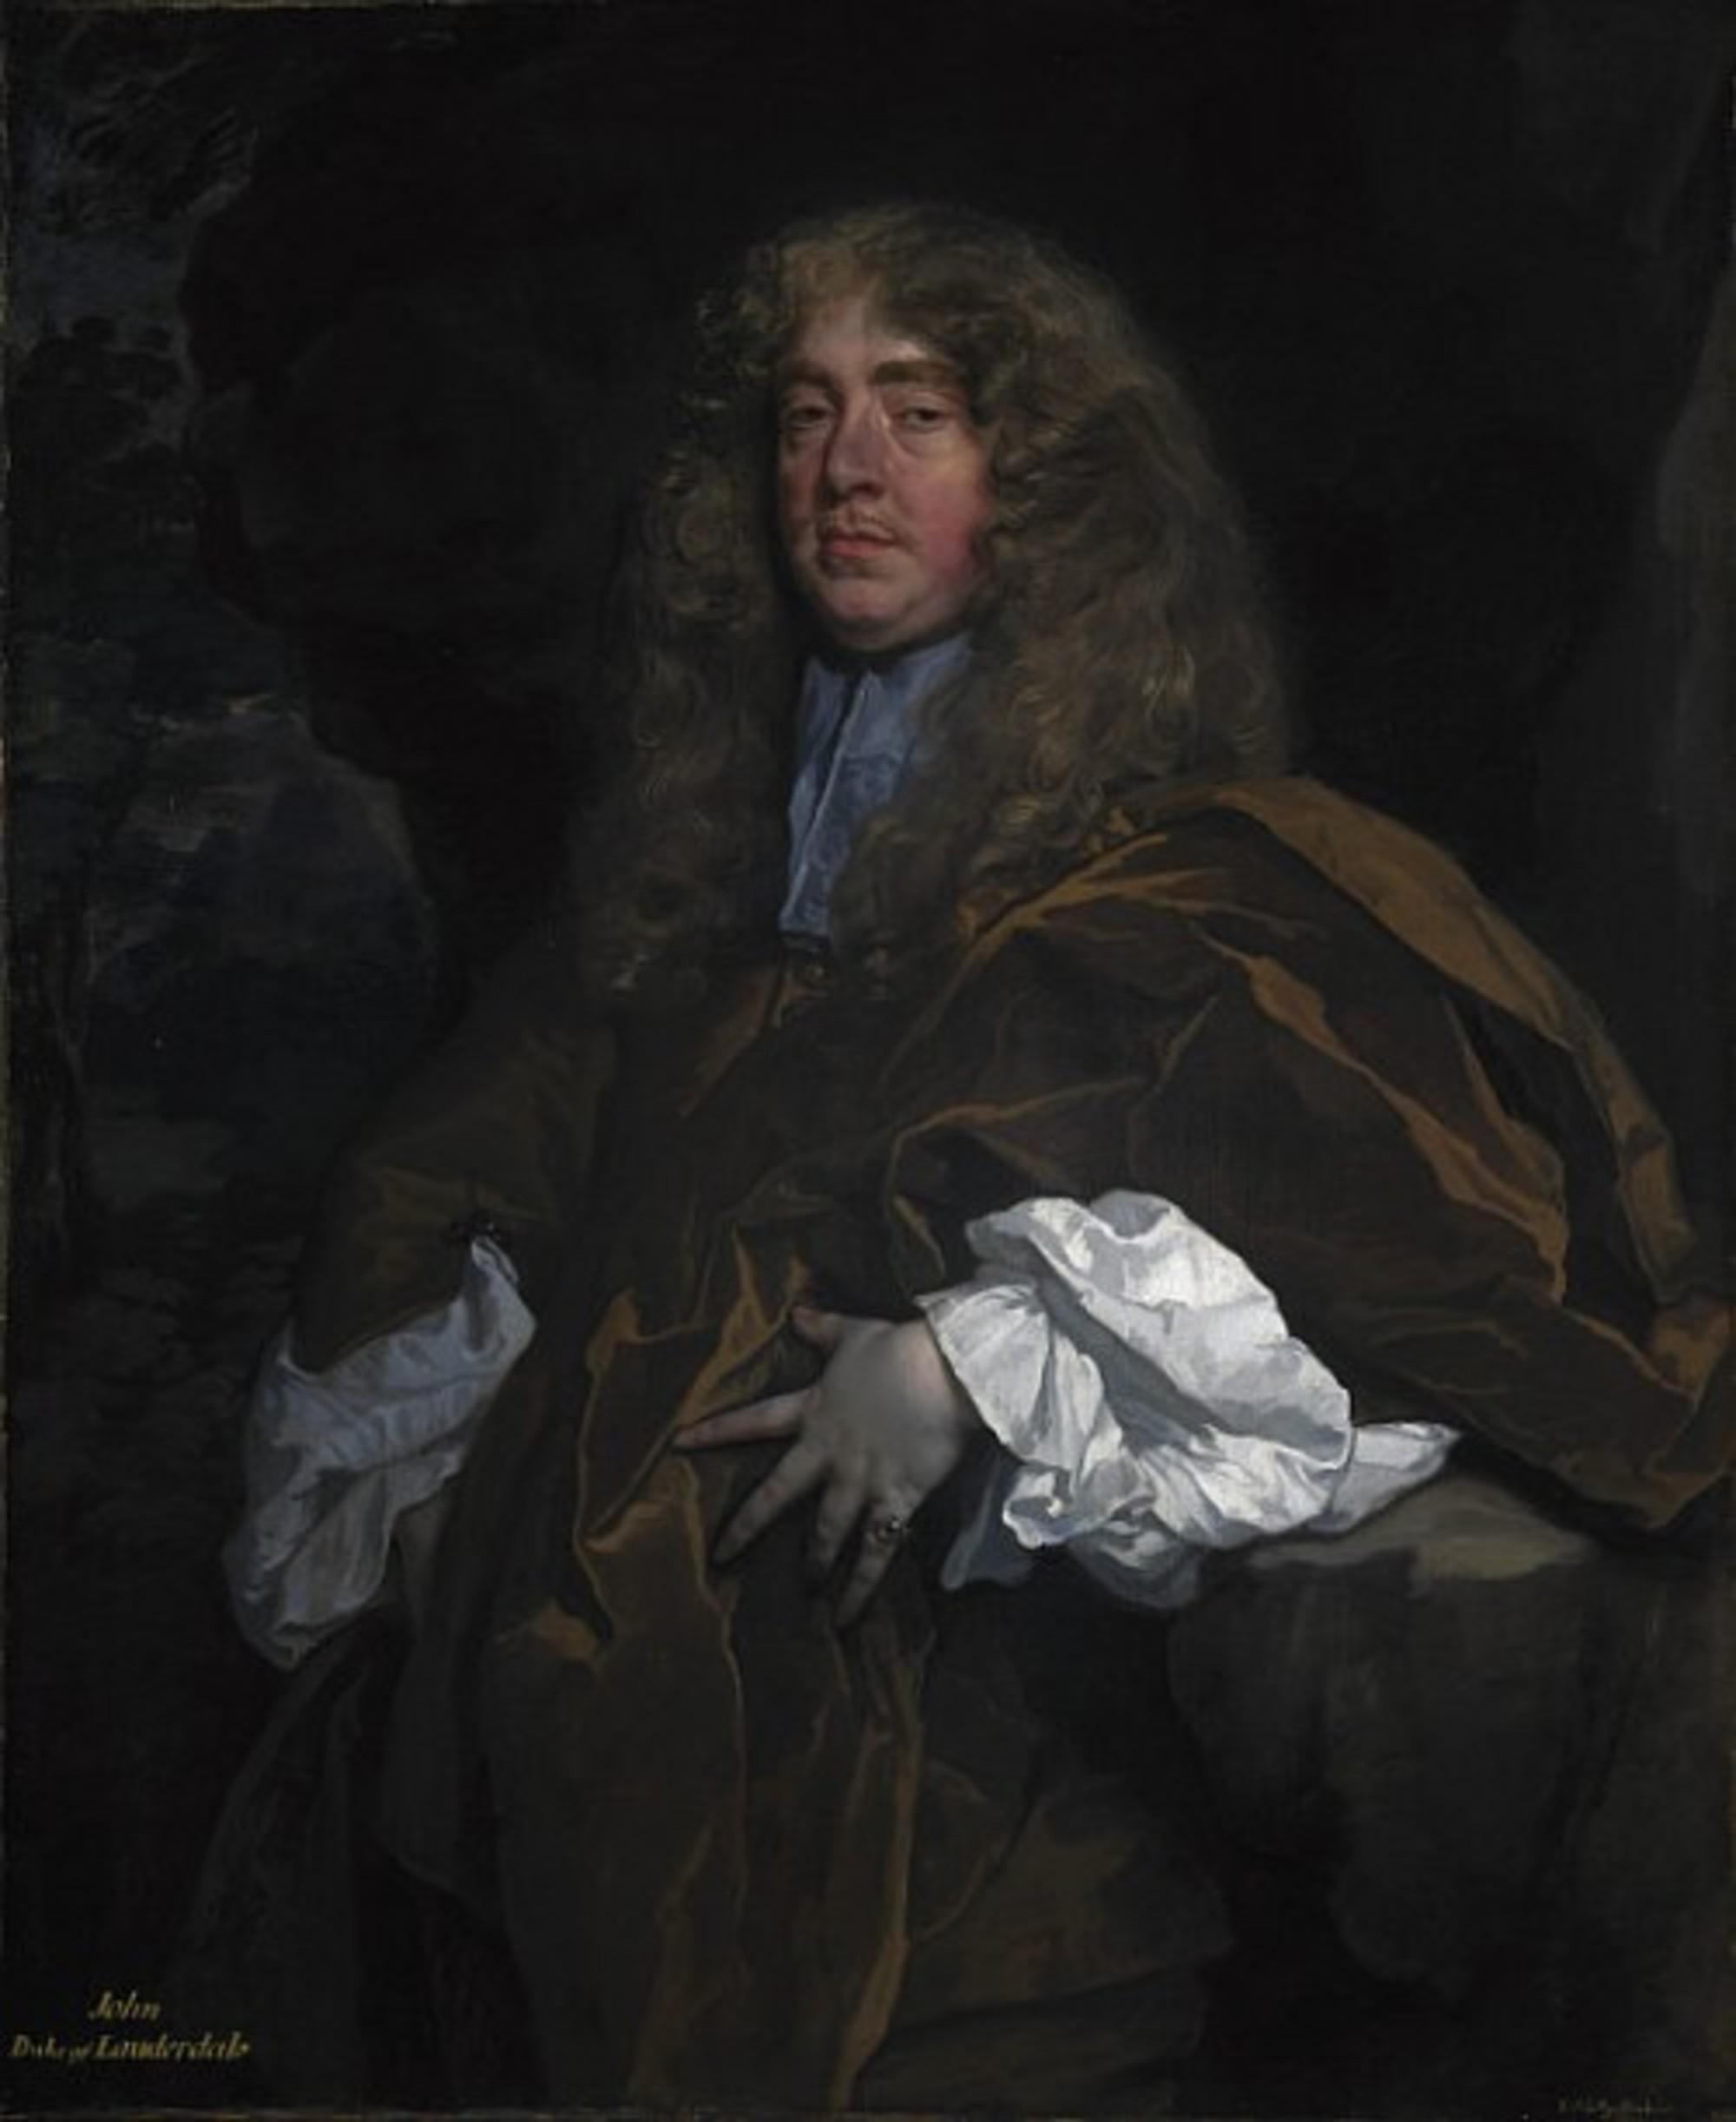 John-Maitland-Duke-of-Lauderdale.jpg